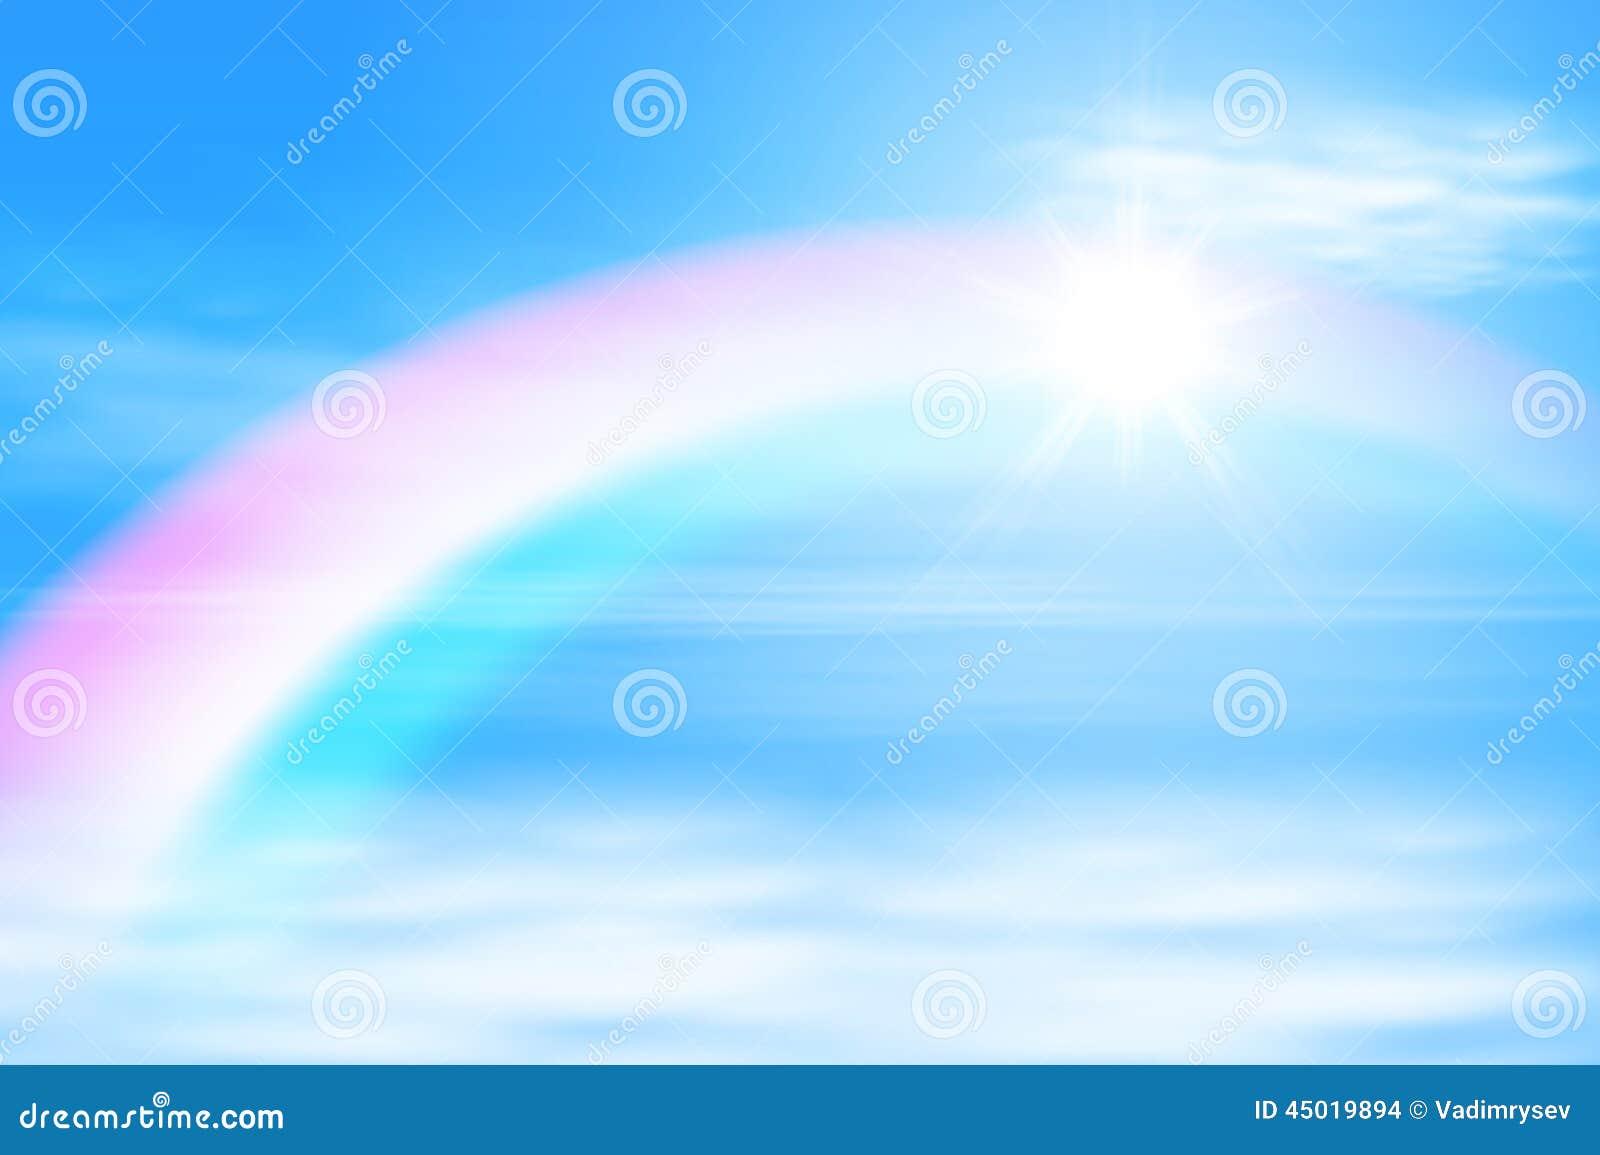 sun in der himmel mit regenbogen vektor abbildung